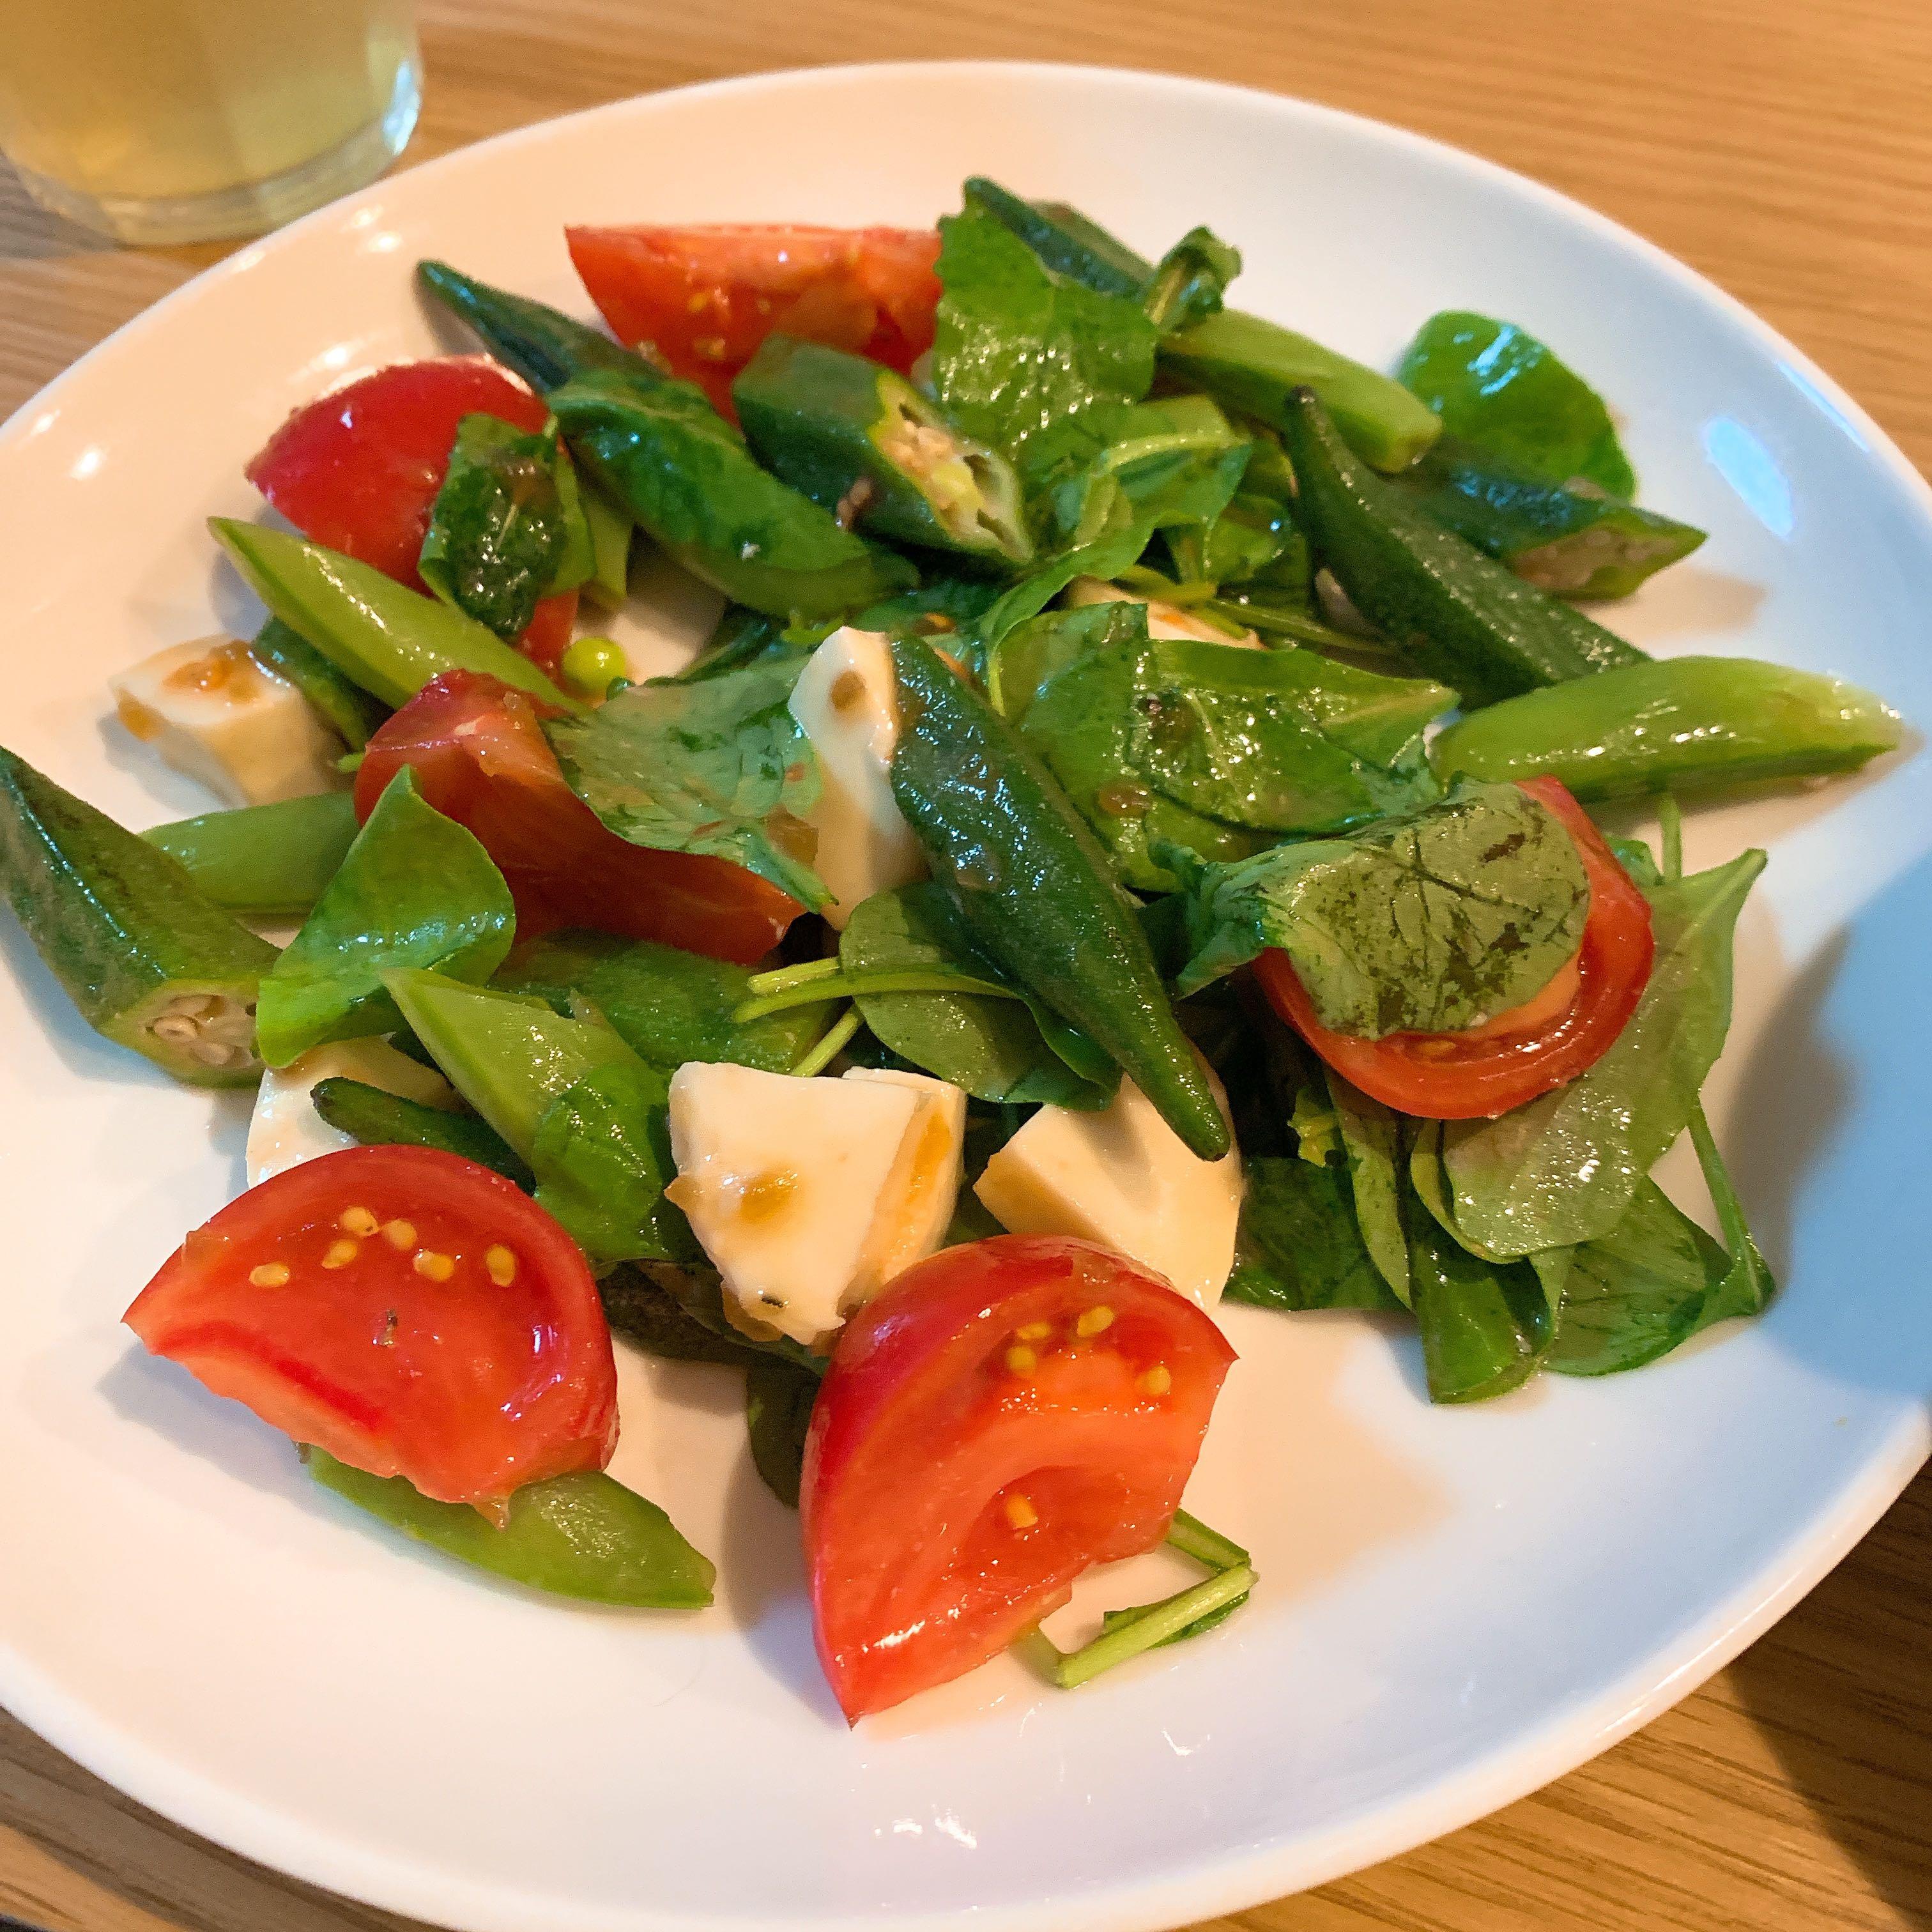 ダイエットに食べて良いものを学ぶ【FITFES】1〜7日目